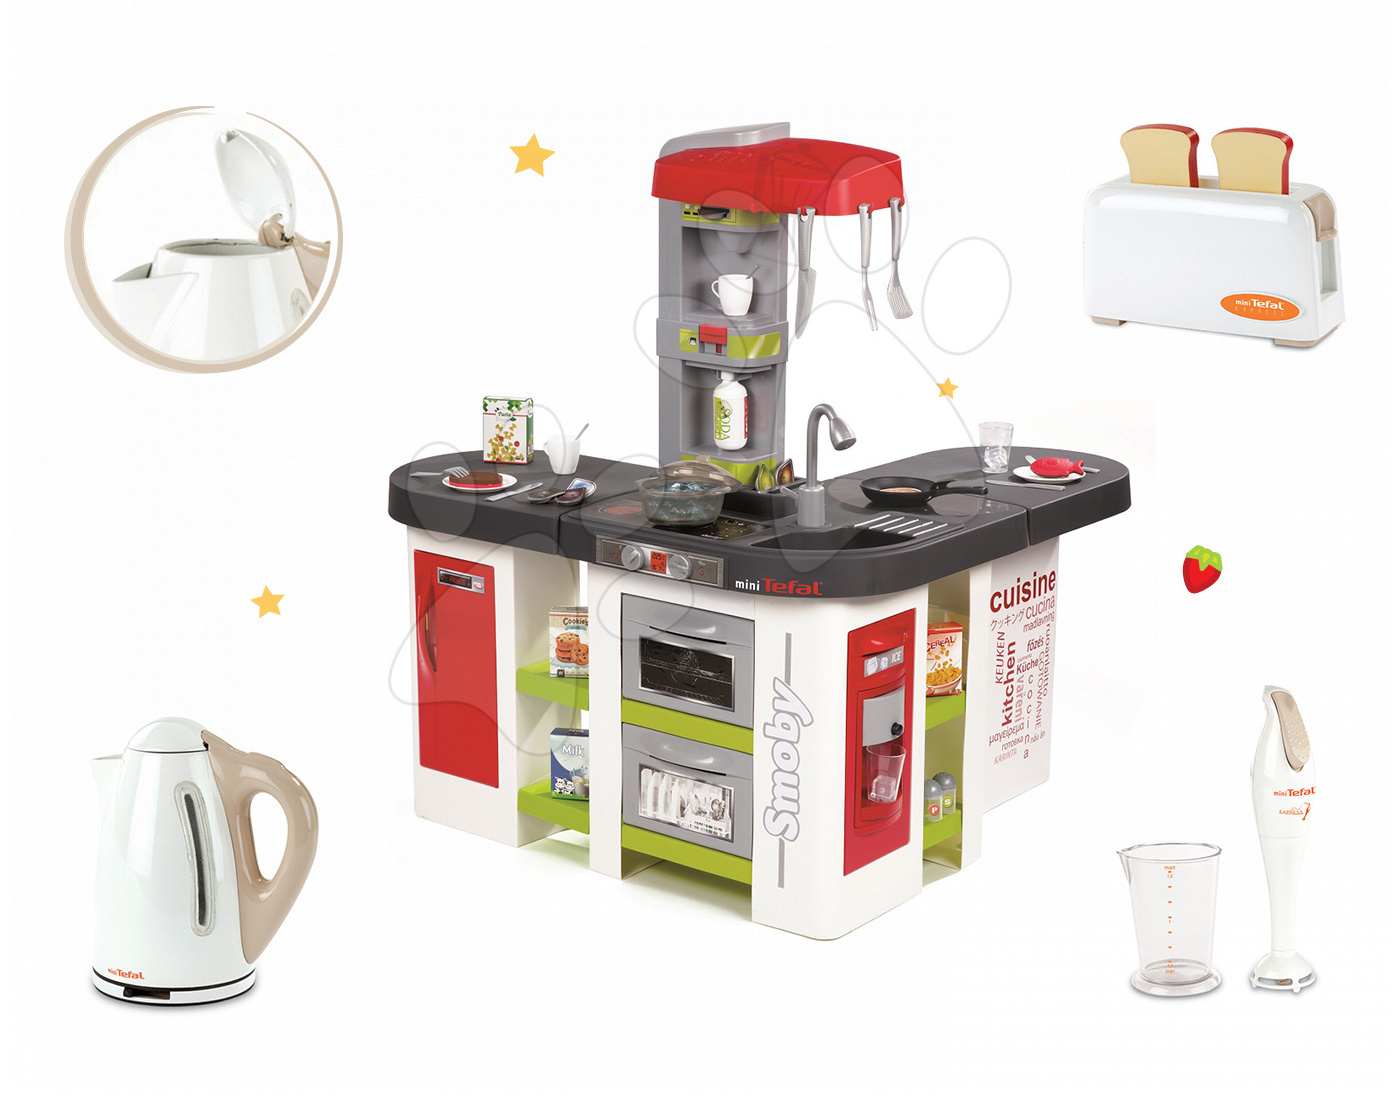 Set kuchyňka pro děti Tefal Studio XXL Smoby elektronická s magickým bubláním a 3 kuchyňské spotřebiče